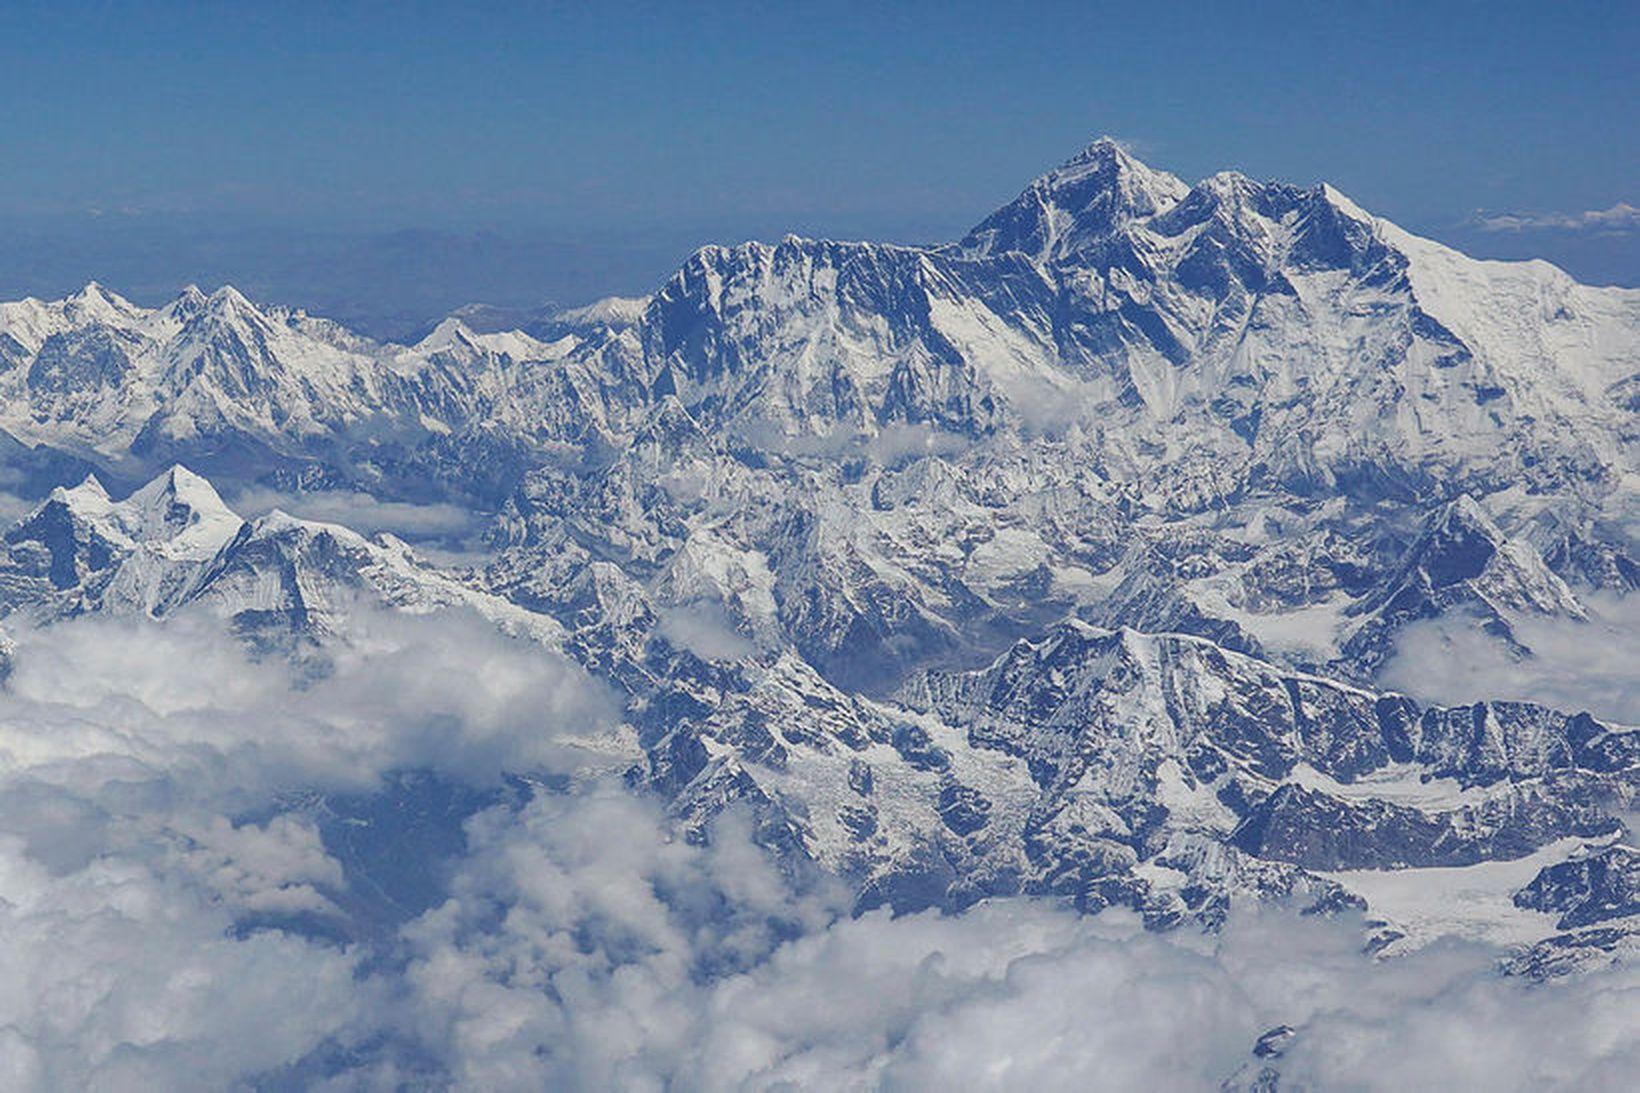 Fjölmargir hafa reynt að komast upp Everest-tindinn að undanförnu.